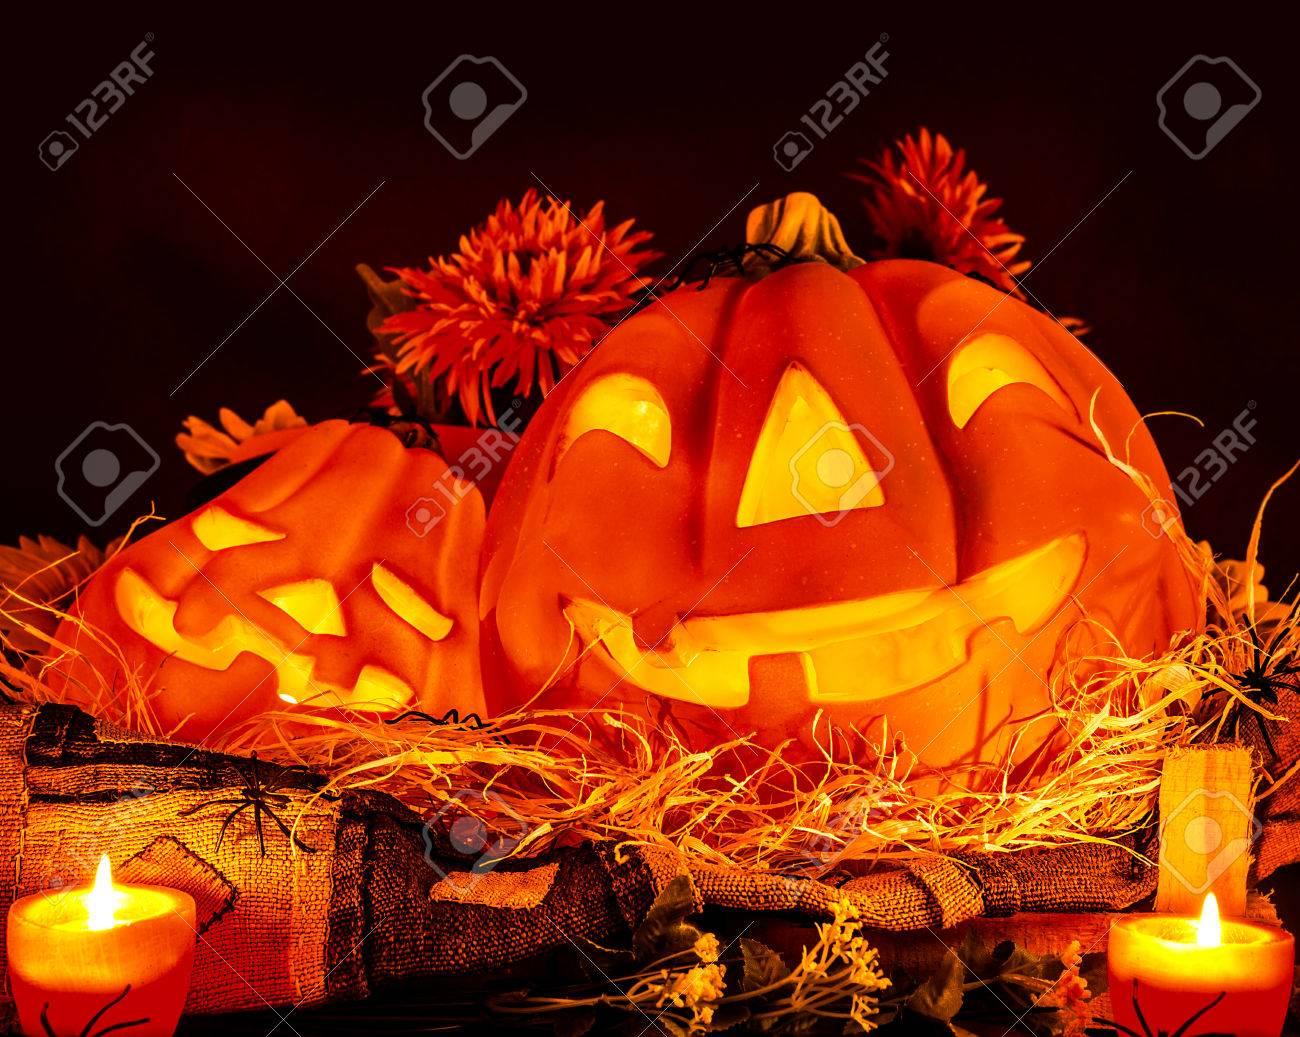 Halloween Pumpkin Decoration On Dark Background, Traditional ...